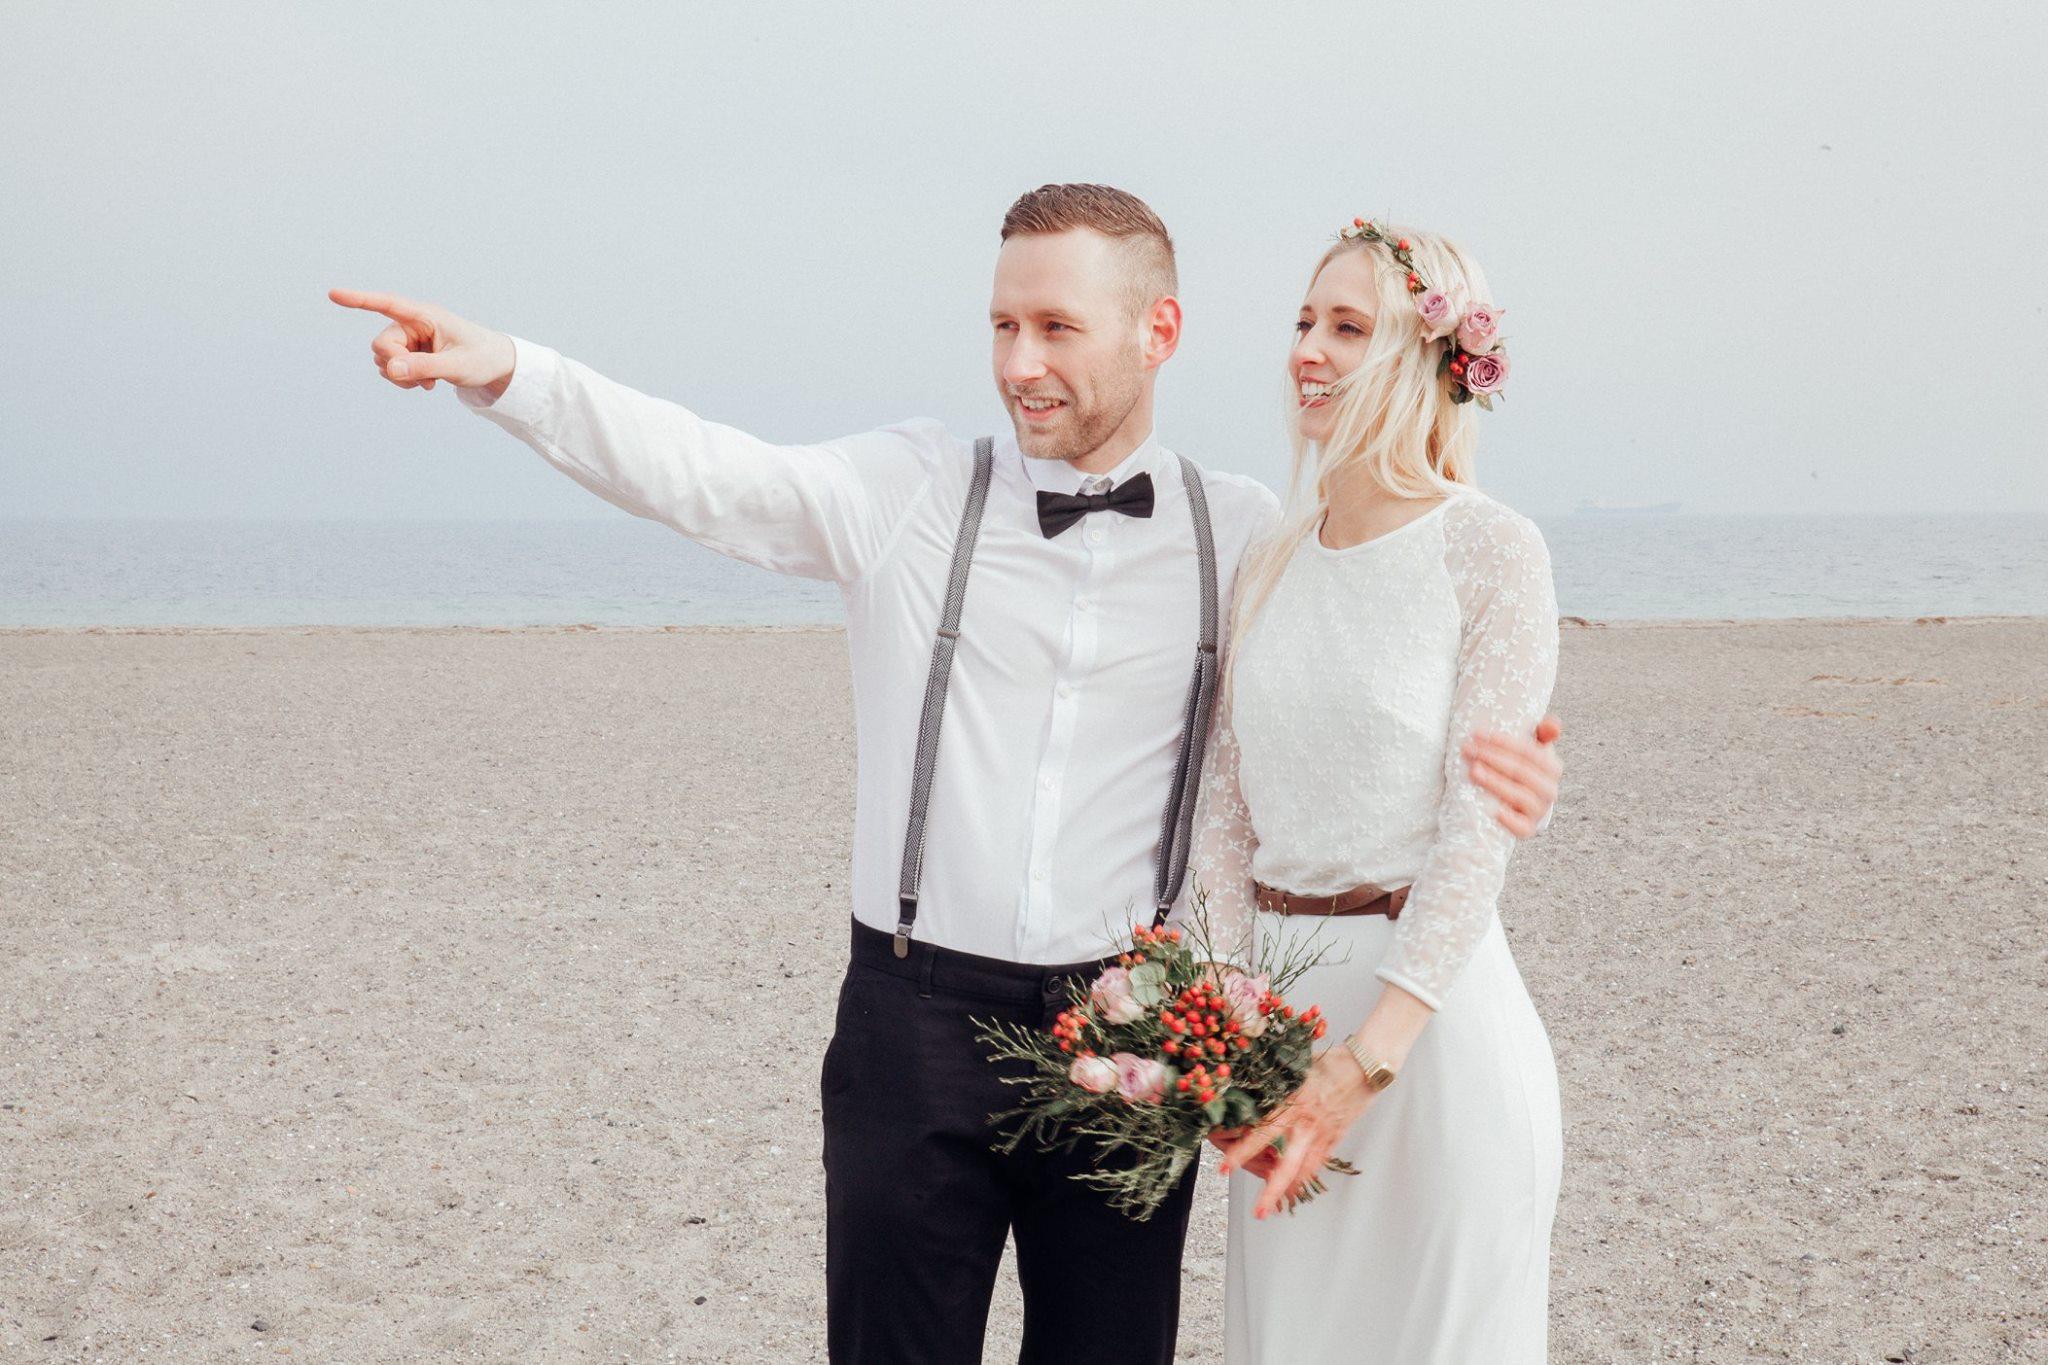 Wedding-in-Denmark-Marriage-Copenhagen-Photographers-10